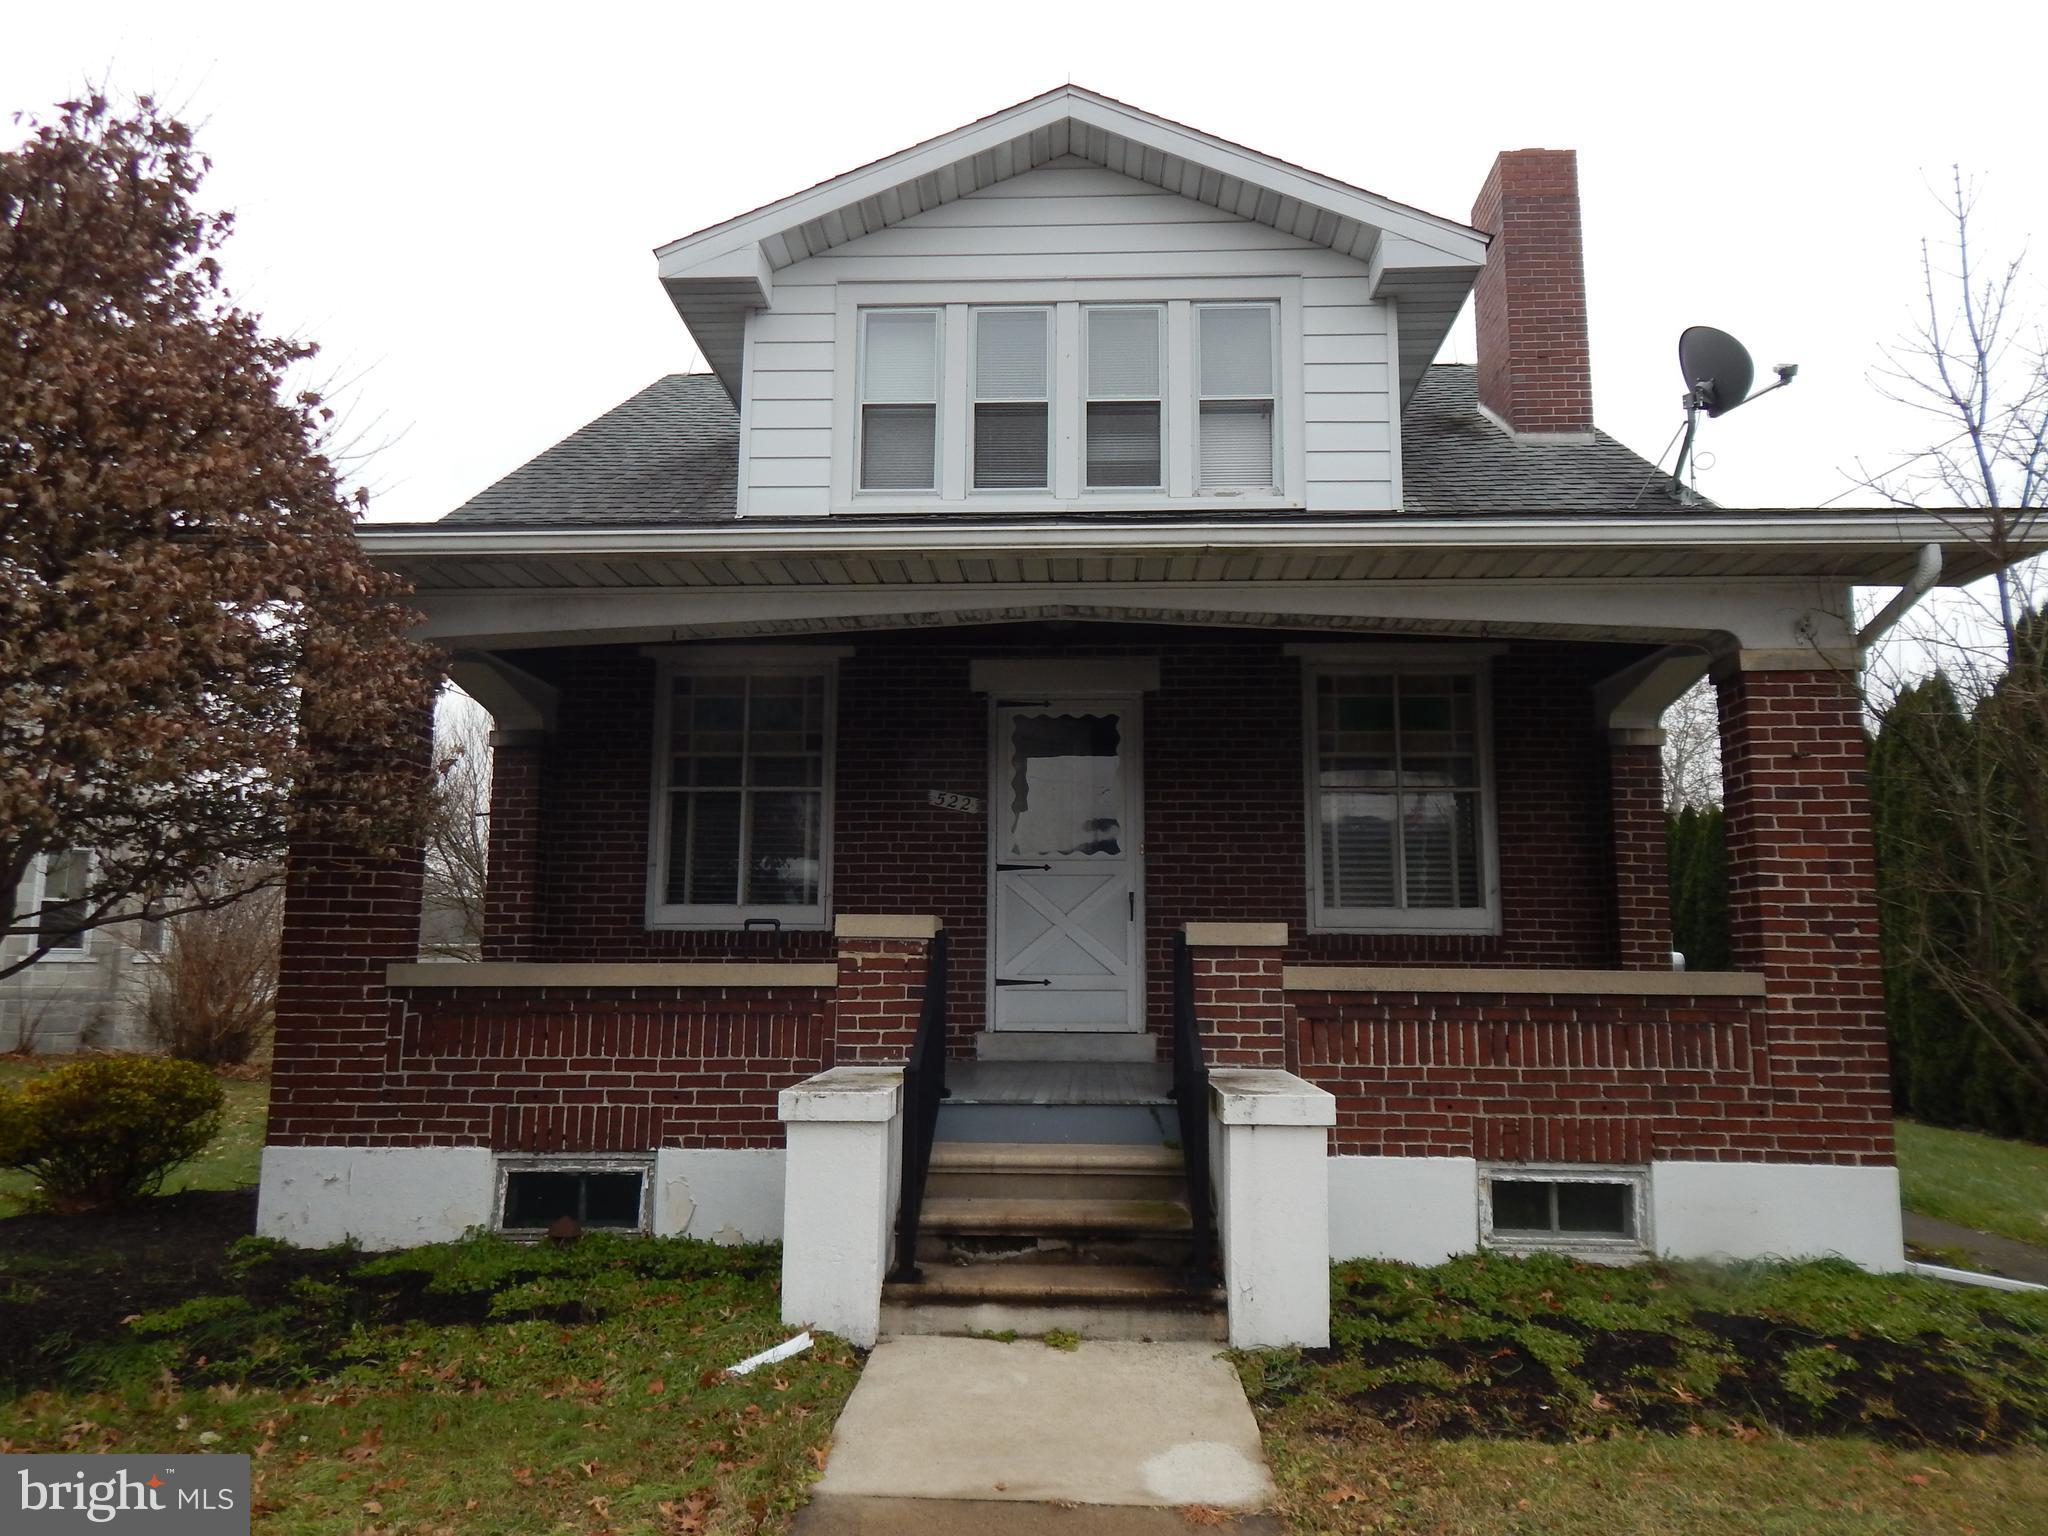 522 MAIN STREET, BALLY, PA 19503